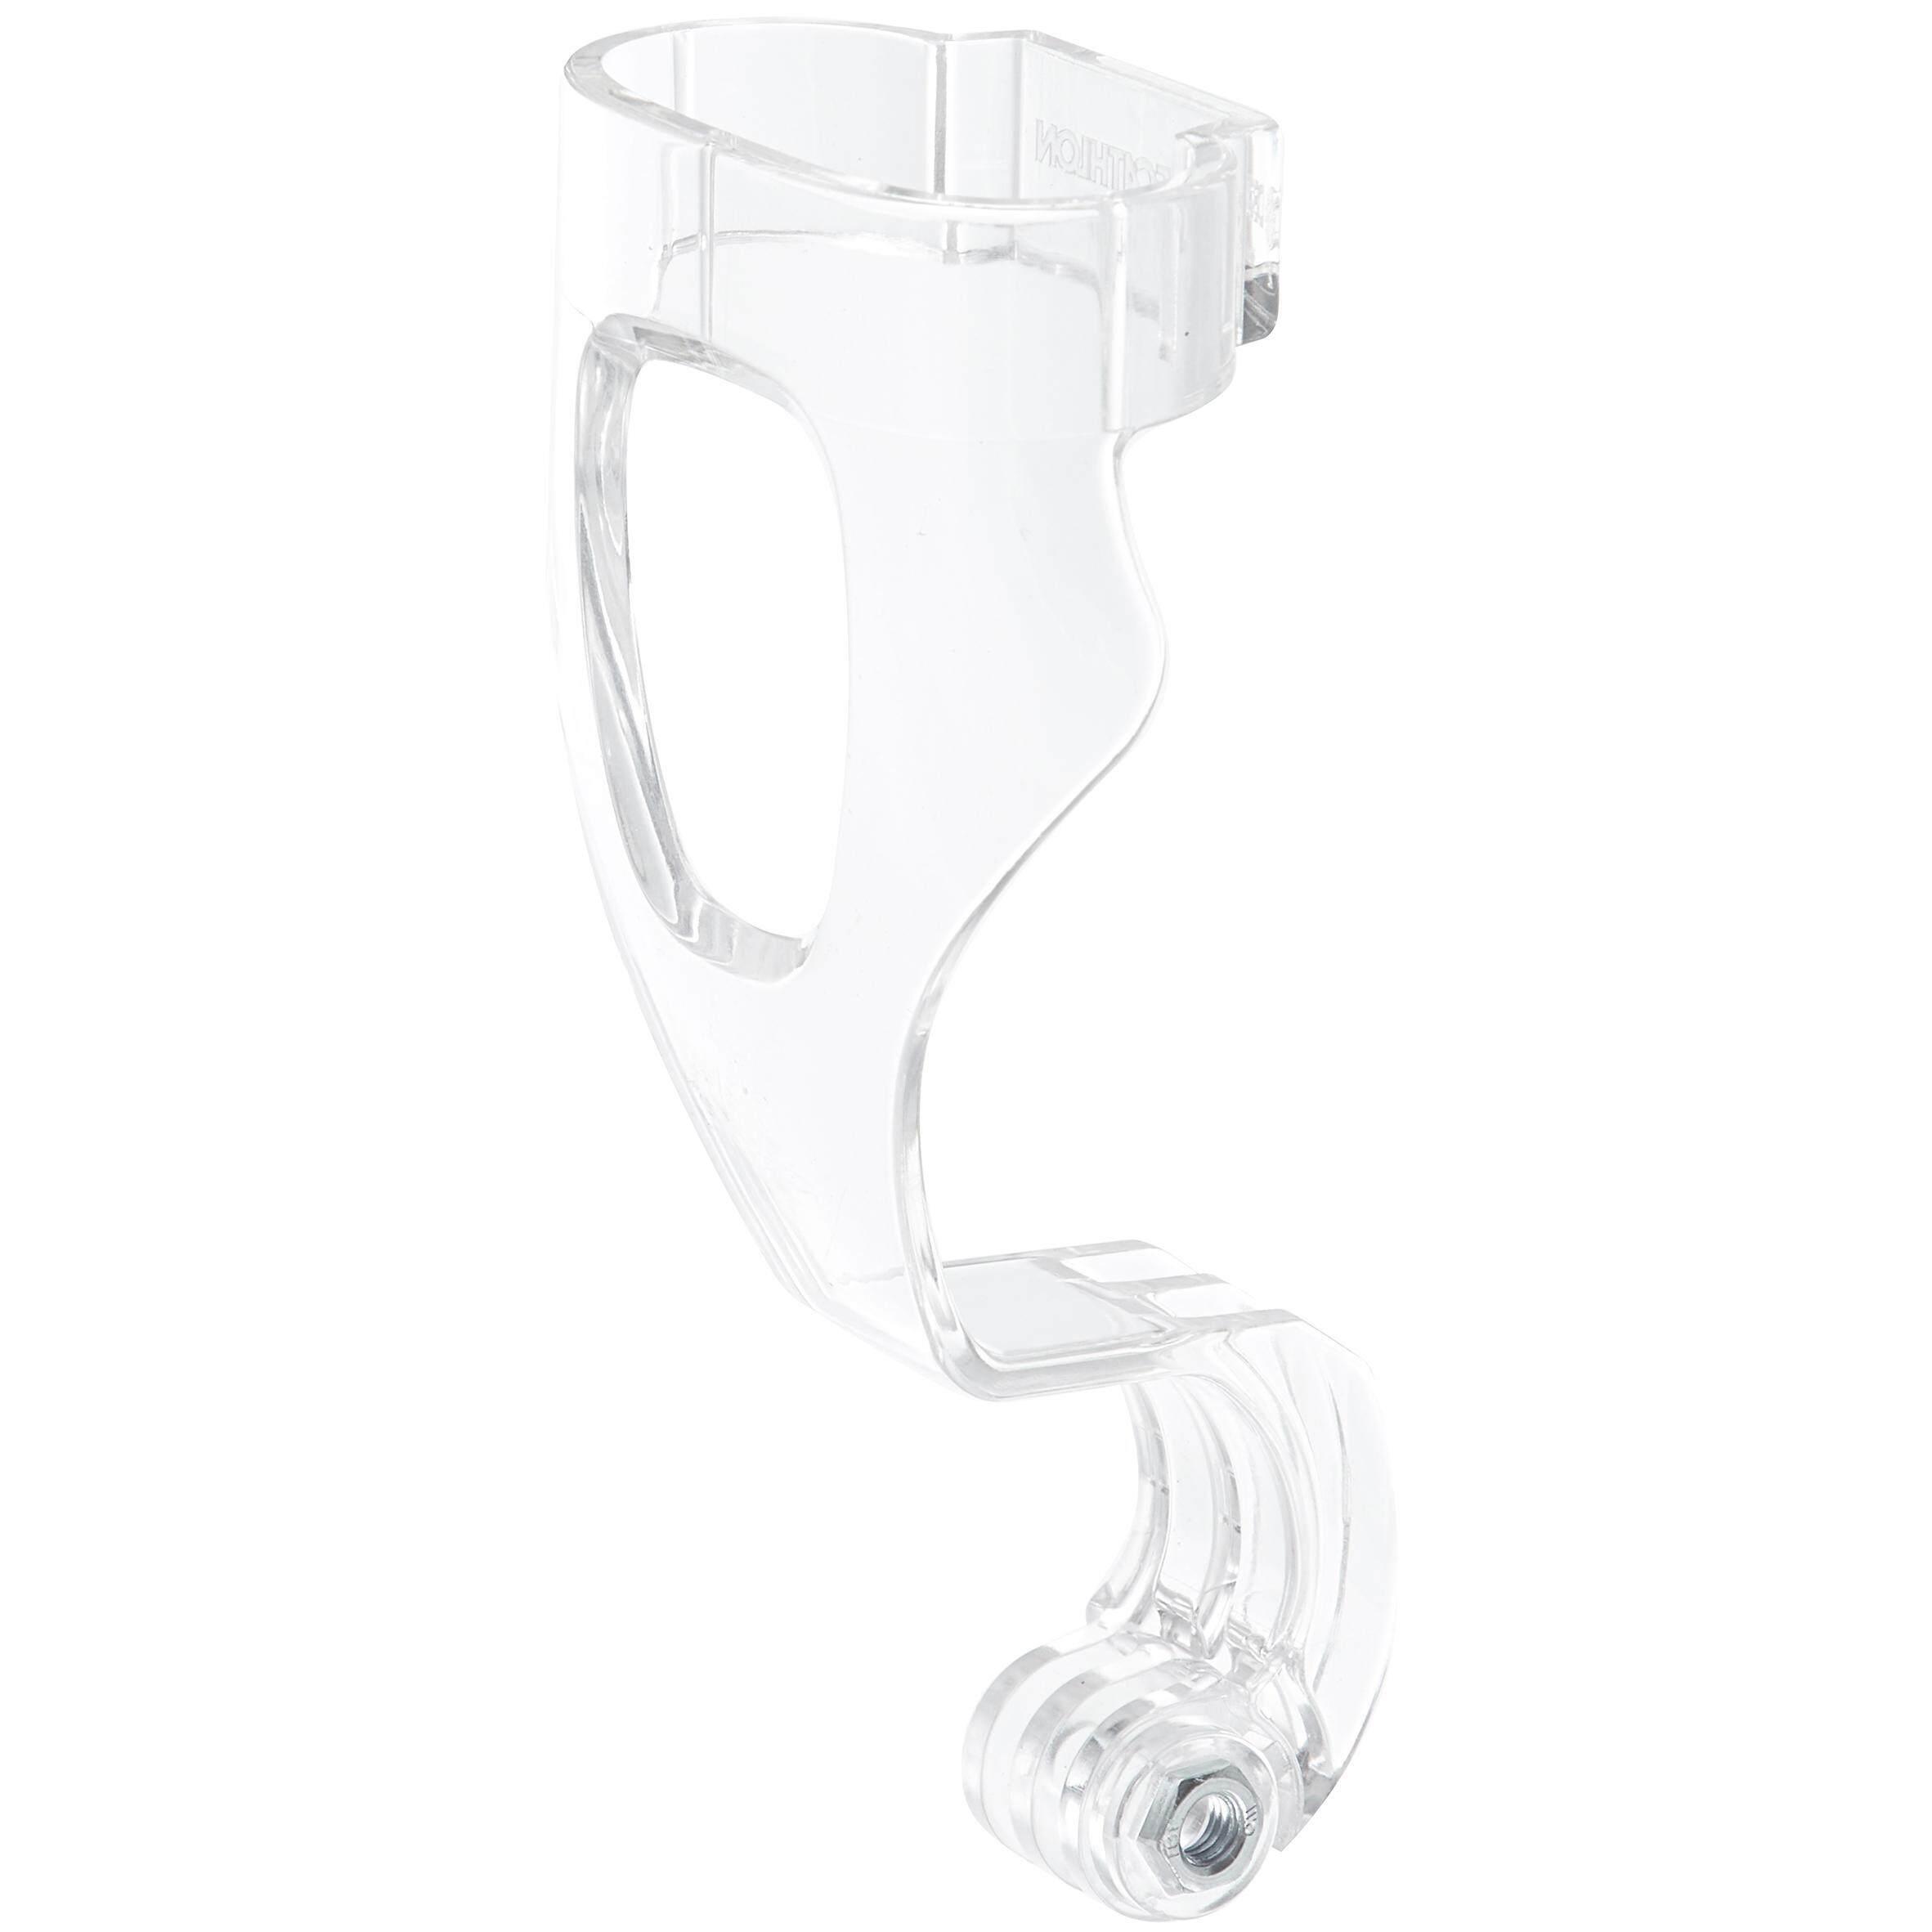 [ด่วน!! โปรโมชั่นมีจำนวนจำกัด] ที่ยึดกล้องกันน้ำสำหรับหน้ากากดำน้ำตื้น EASYBREATH (โปร่งใส) สำหรับ ดำน้ำ